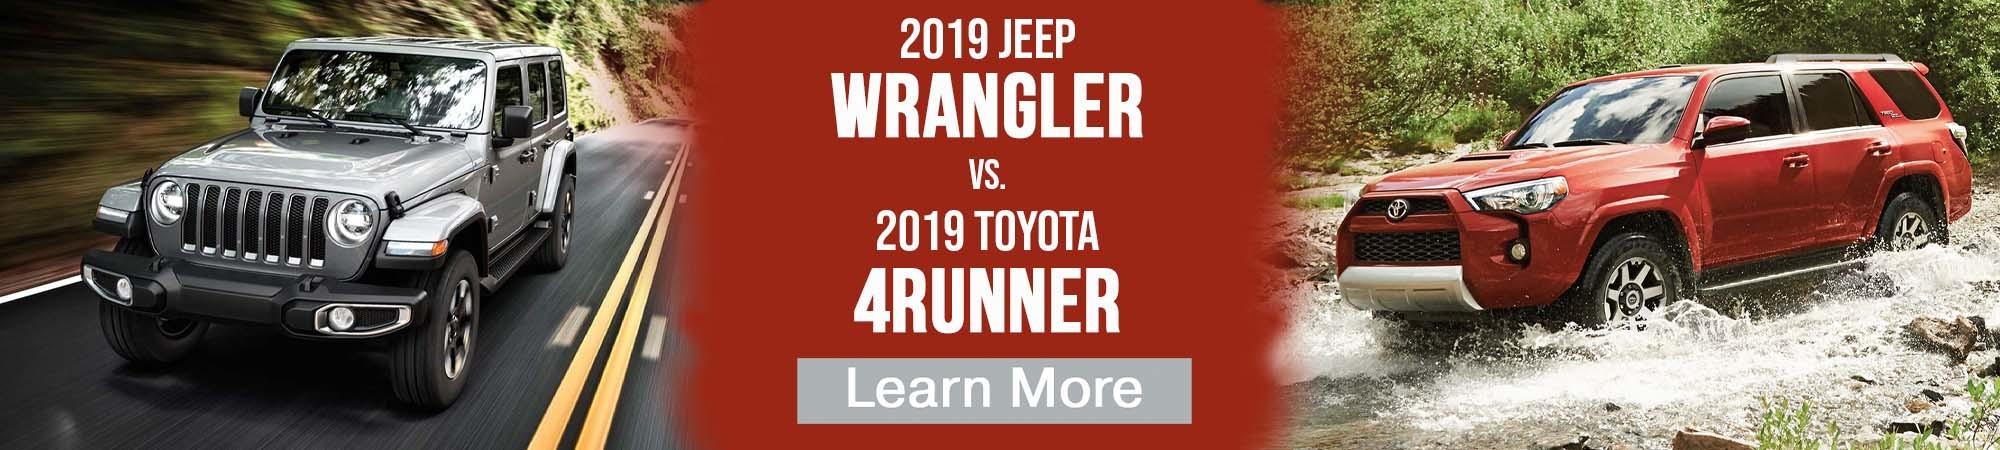 2019 Jeep Wrangler vs 2019 Toyota 4Runner